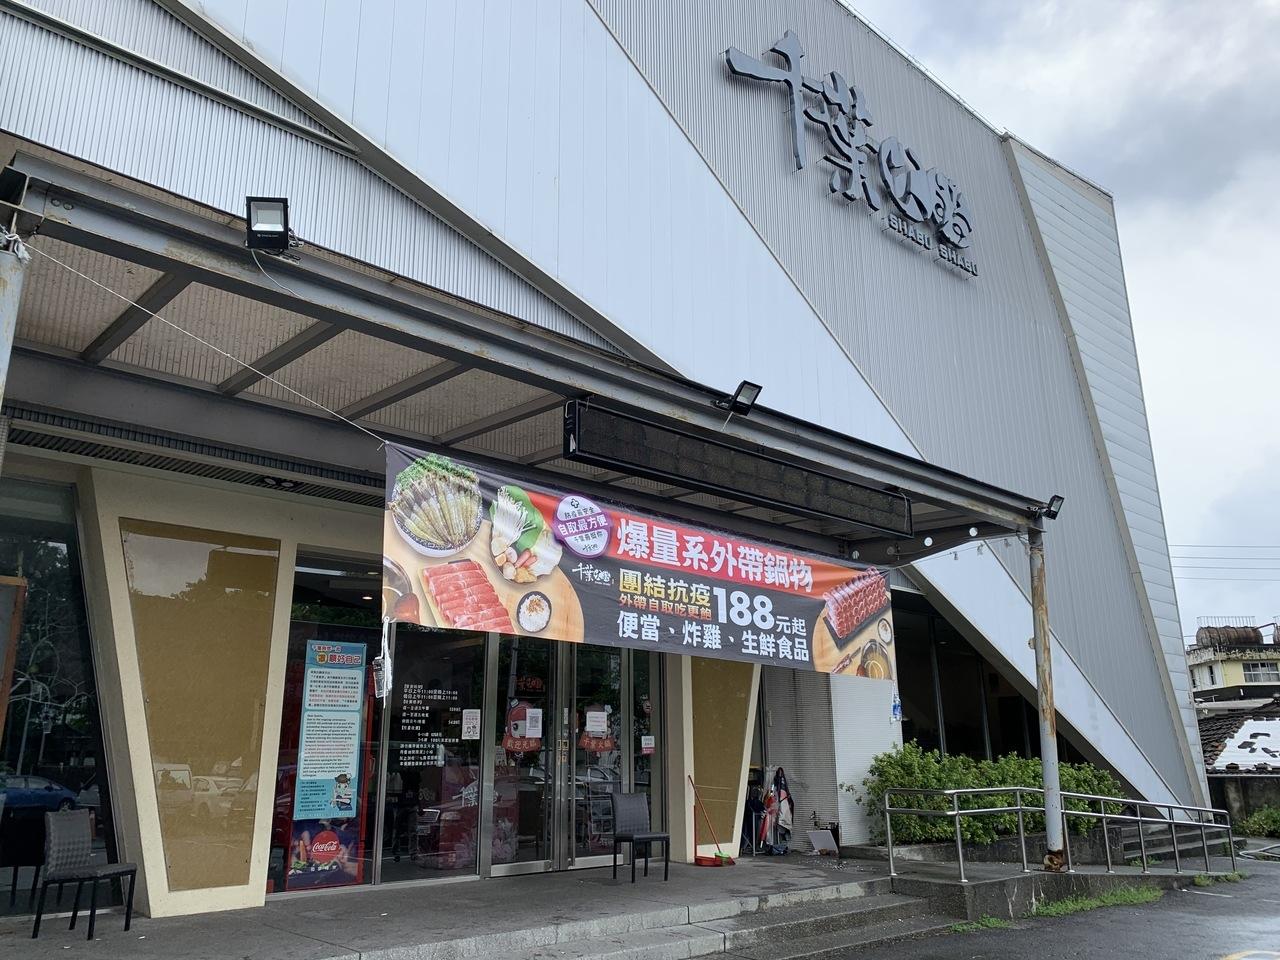 知名的千葉火鍋分店宜蘭尊爵館在官網宣布吹熄燈號,只營業到7月31日。圖/聯合資料照